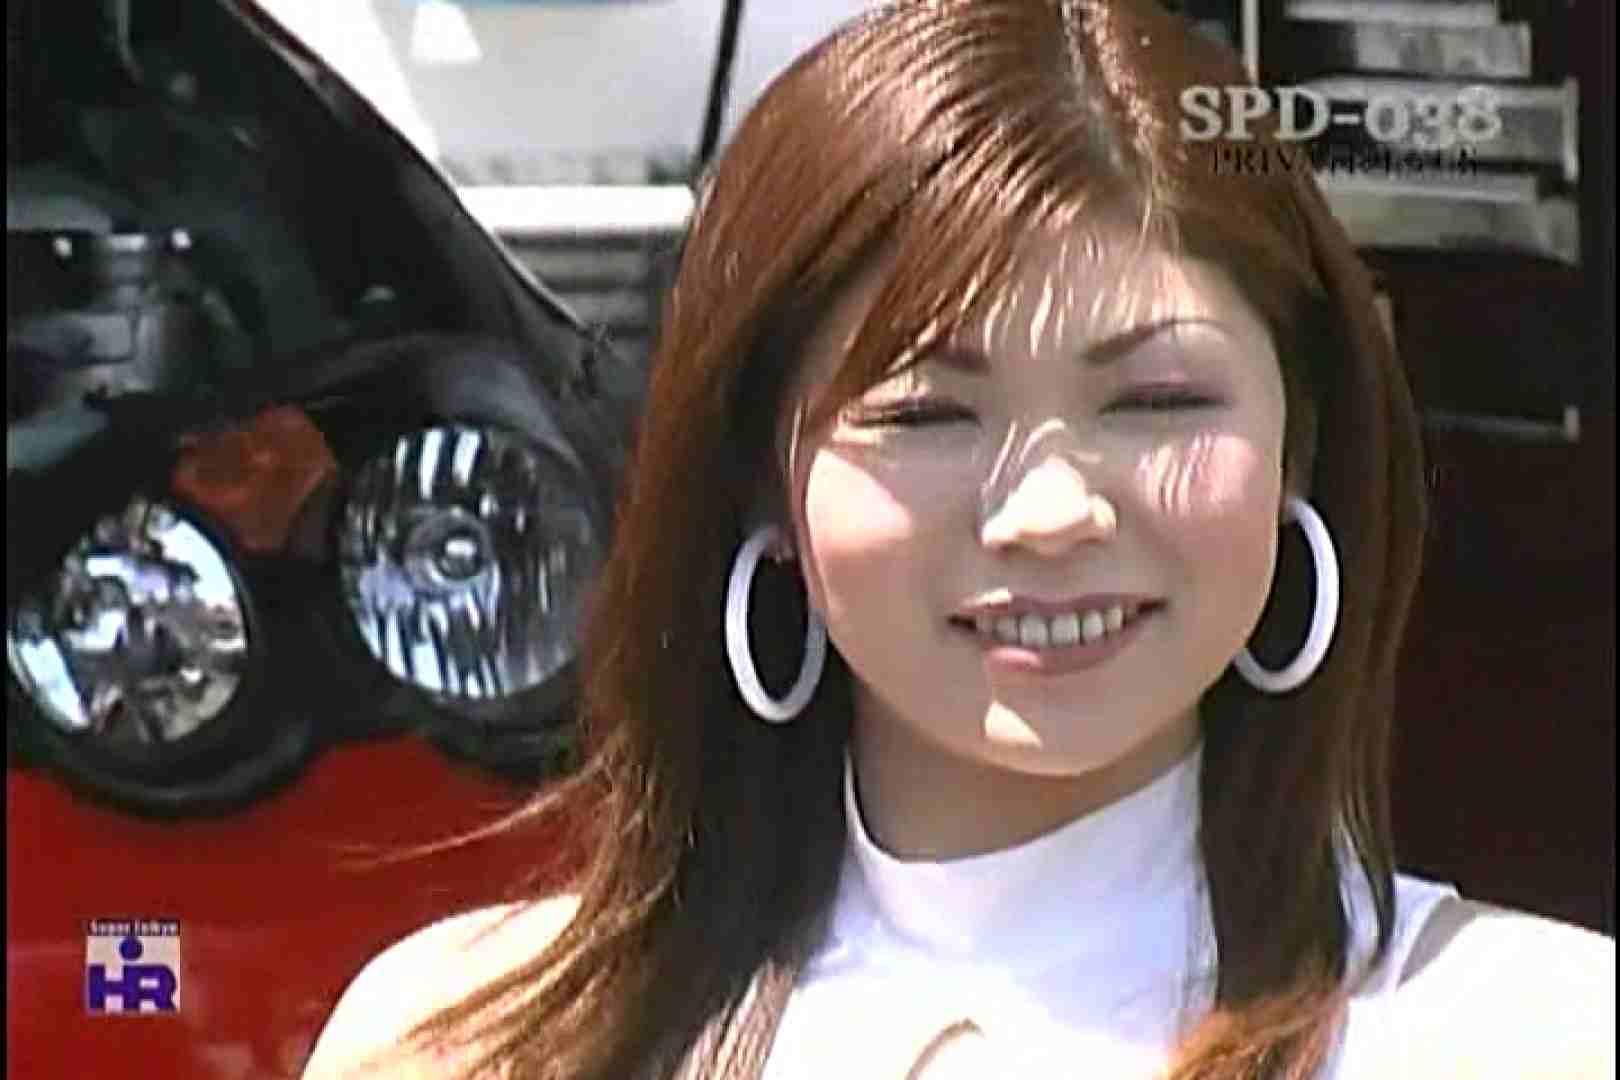 高画質版!SPD-038 サーキットの女神達 仙台ハイランドレースウェイ 高画質   プライベート  87pic 20